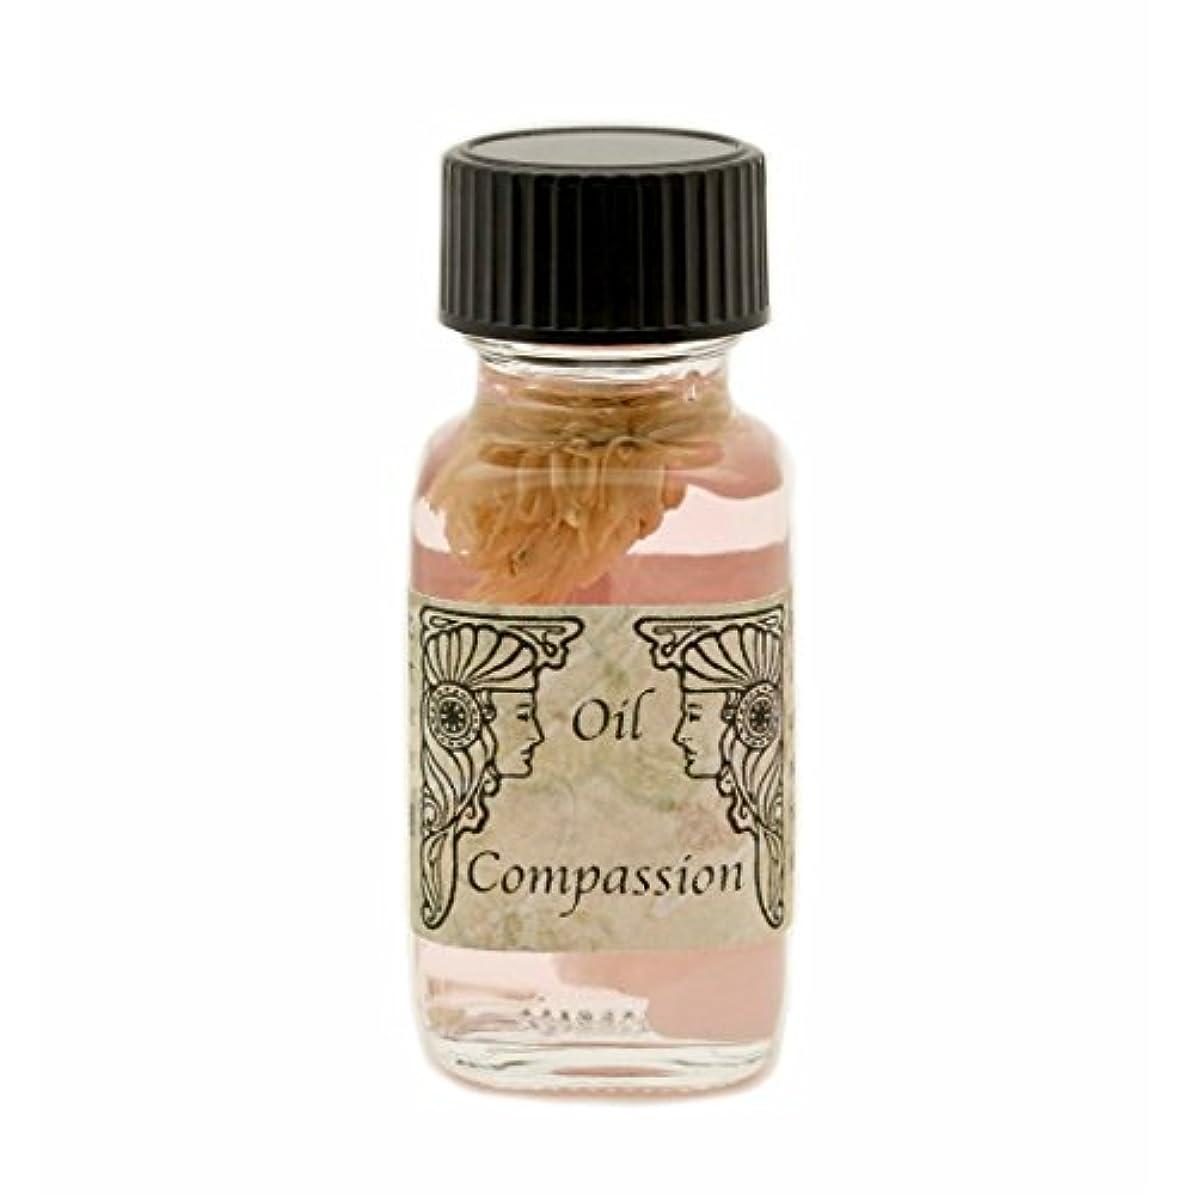 電気の統合製油所アンシェントメモリーオイル コンパッション Compassion 思いやり 2017年新作 (Ancient Memory Oils)